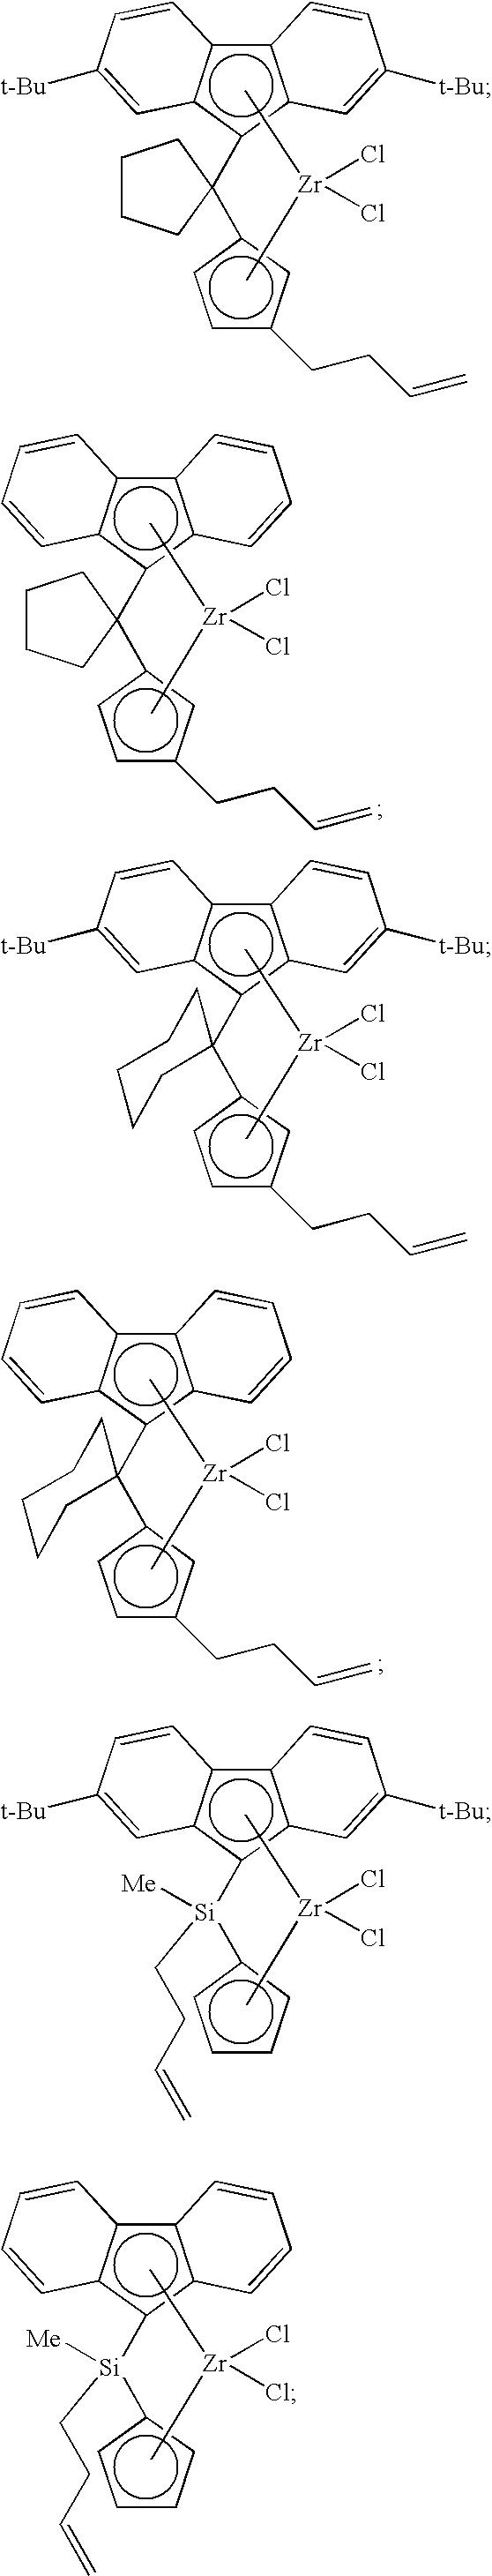 Figure US20100331501A1-20101230-C00007